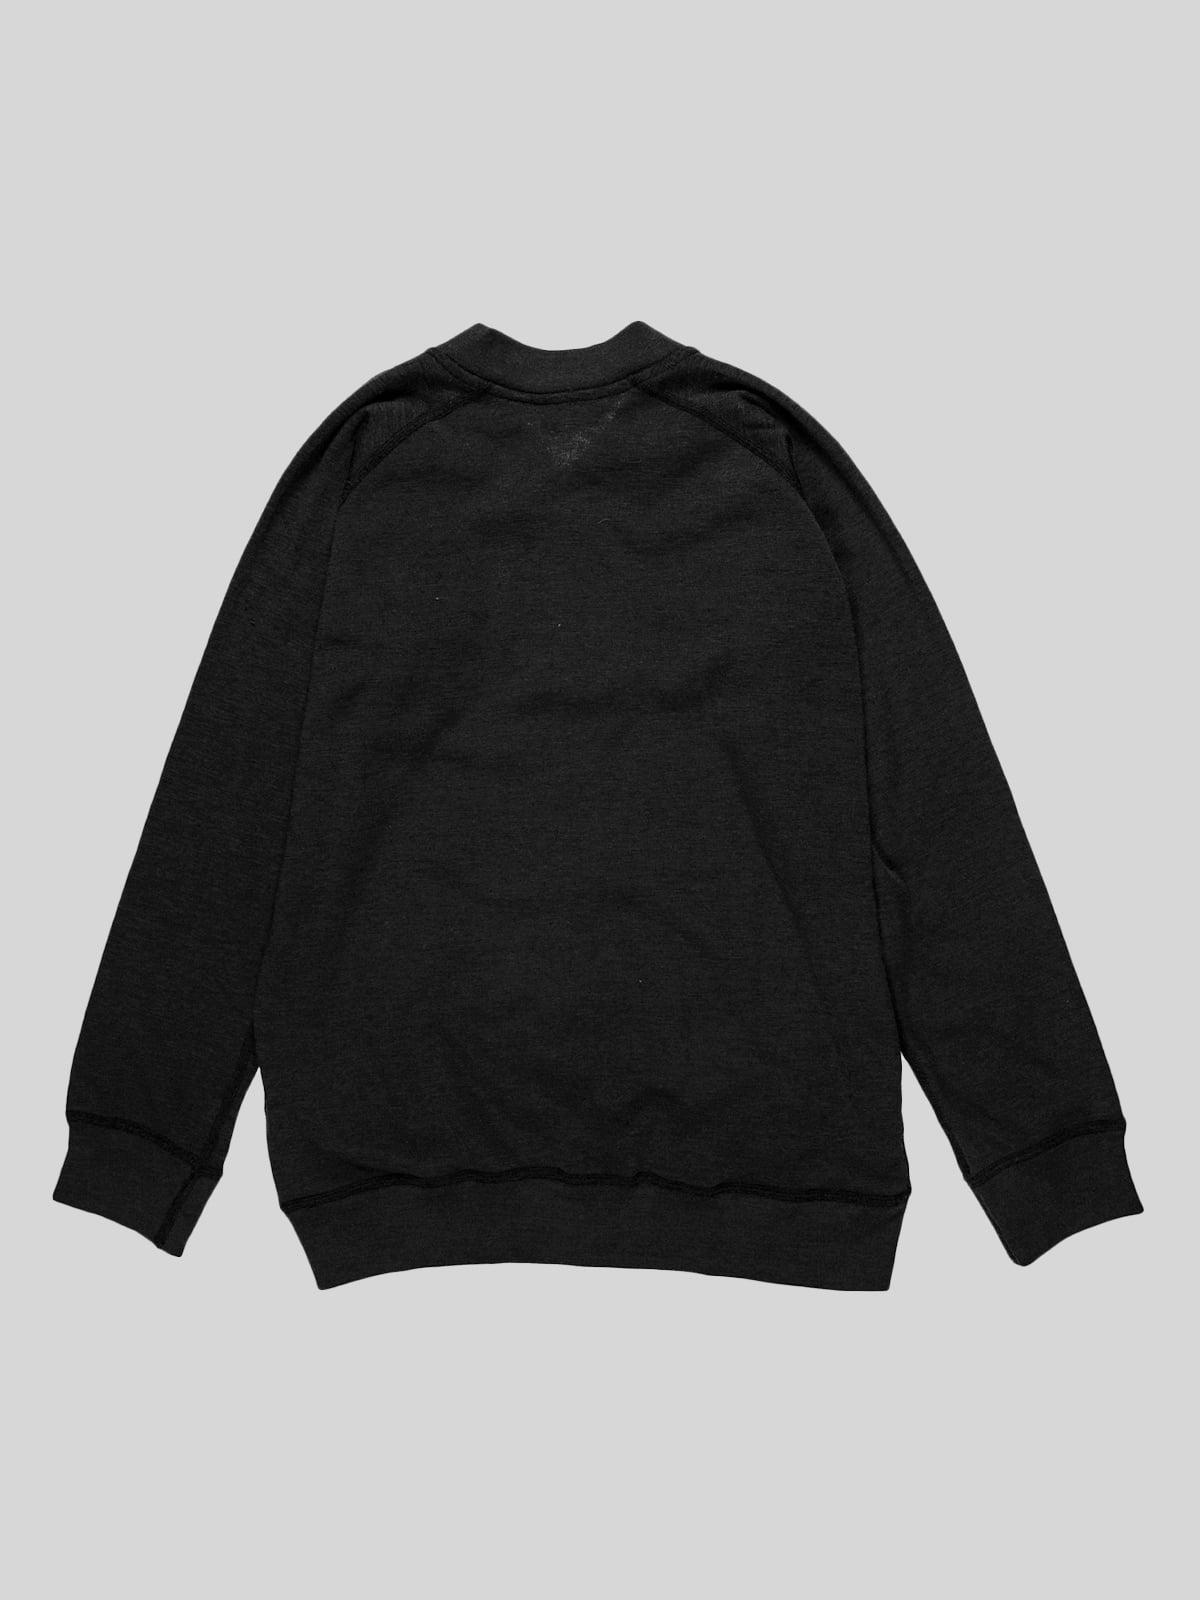 Кофта темно-сірий | 34858 | фото 2